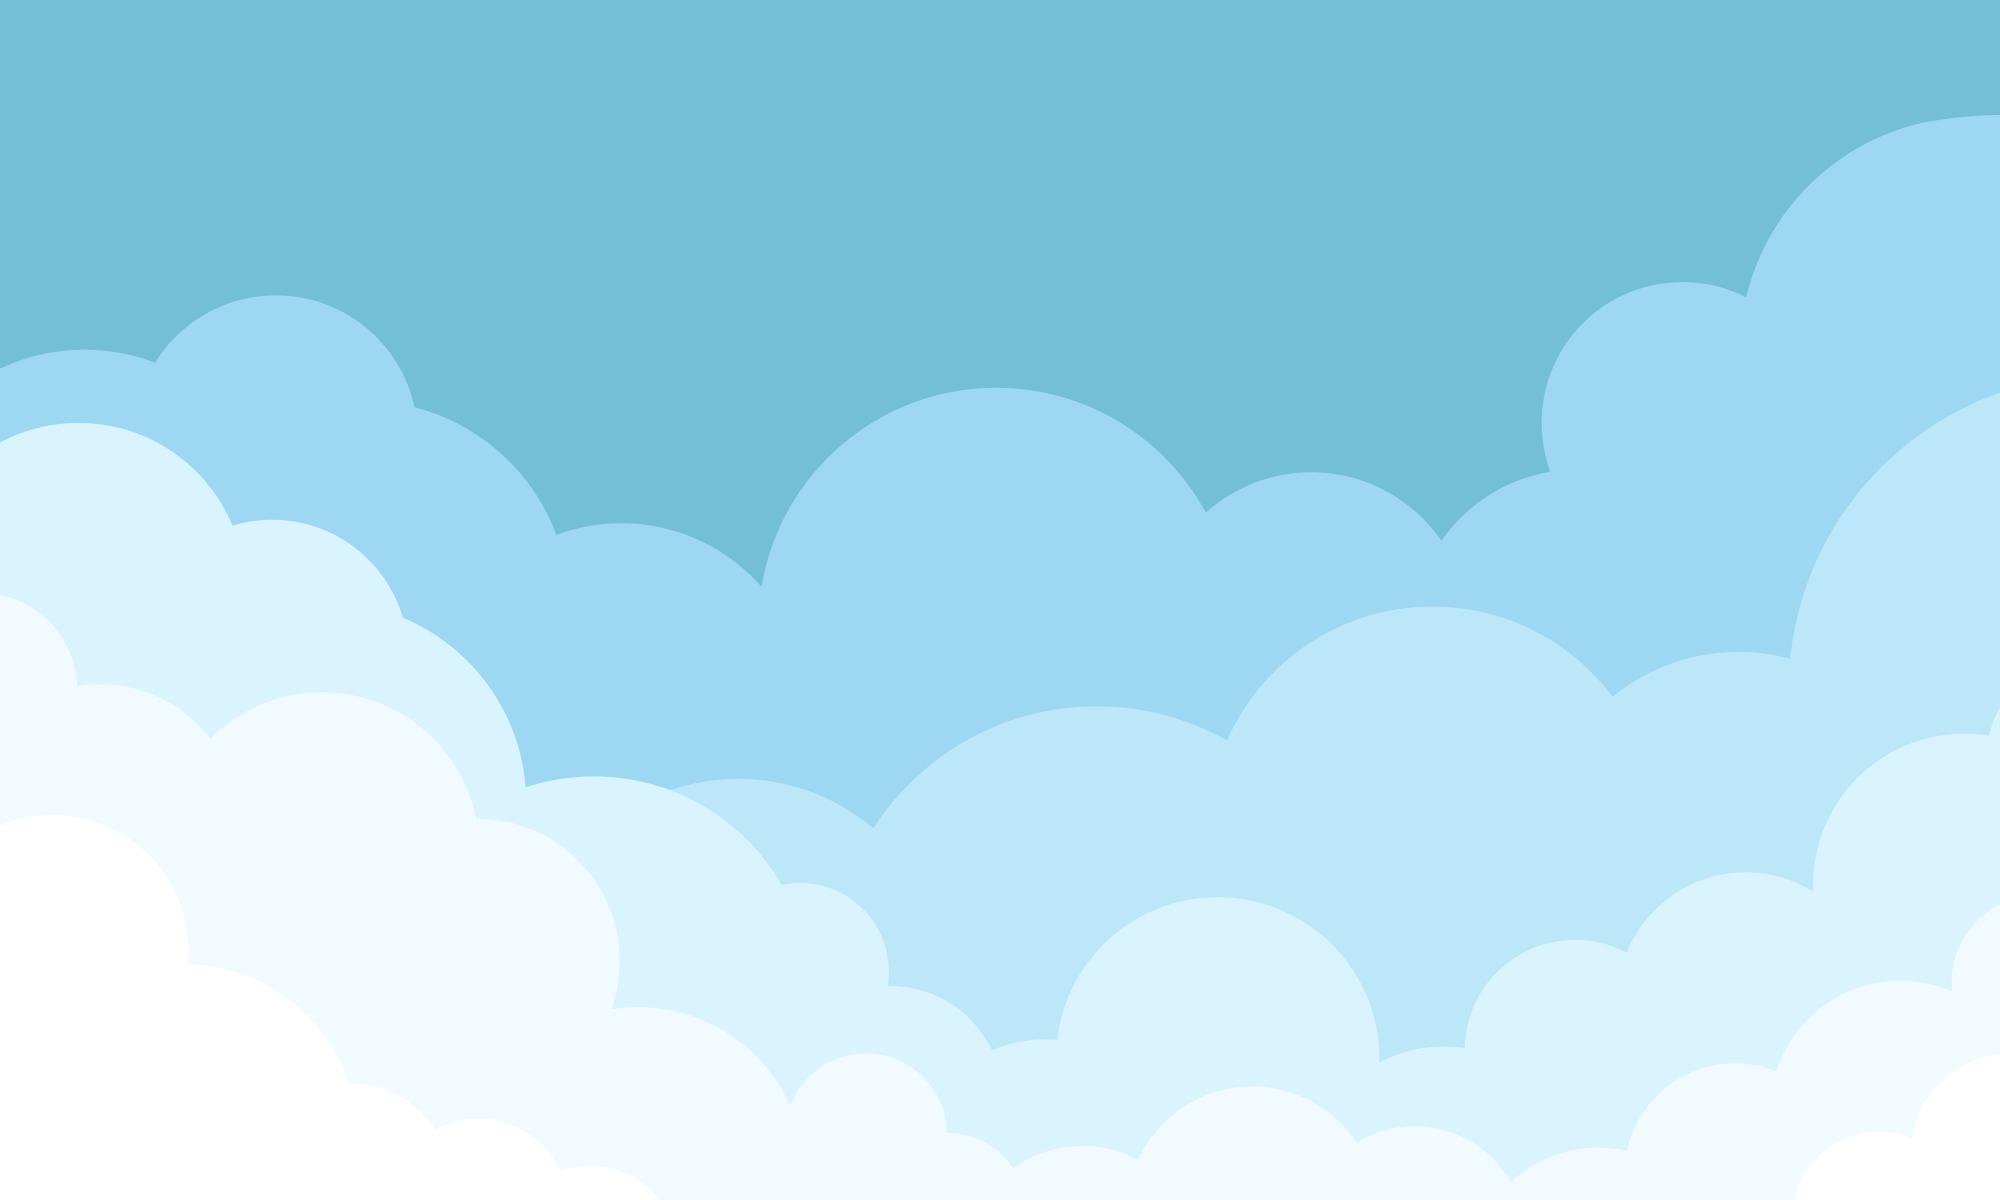 avada-it-clouds